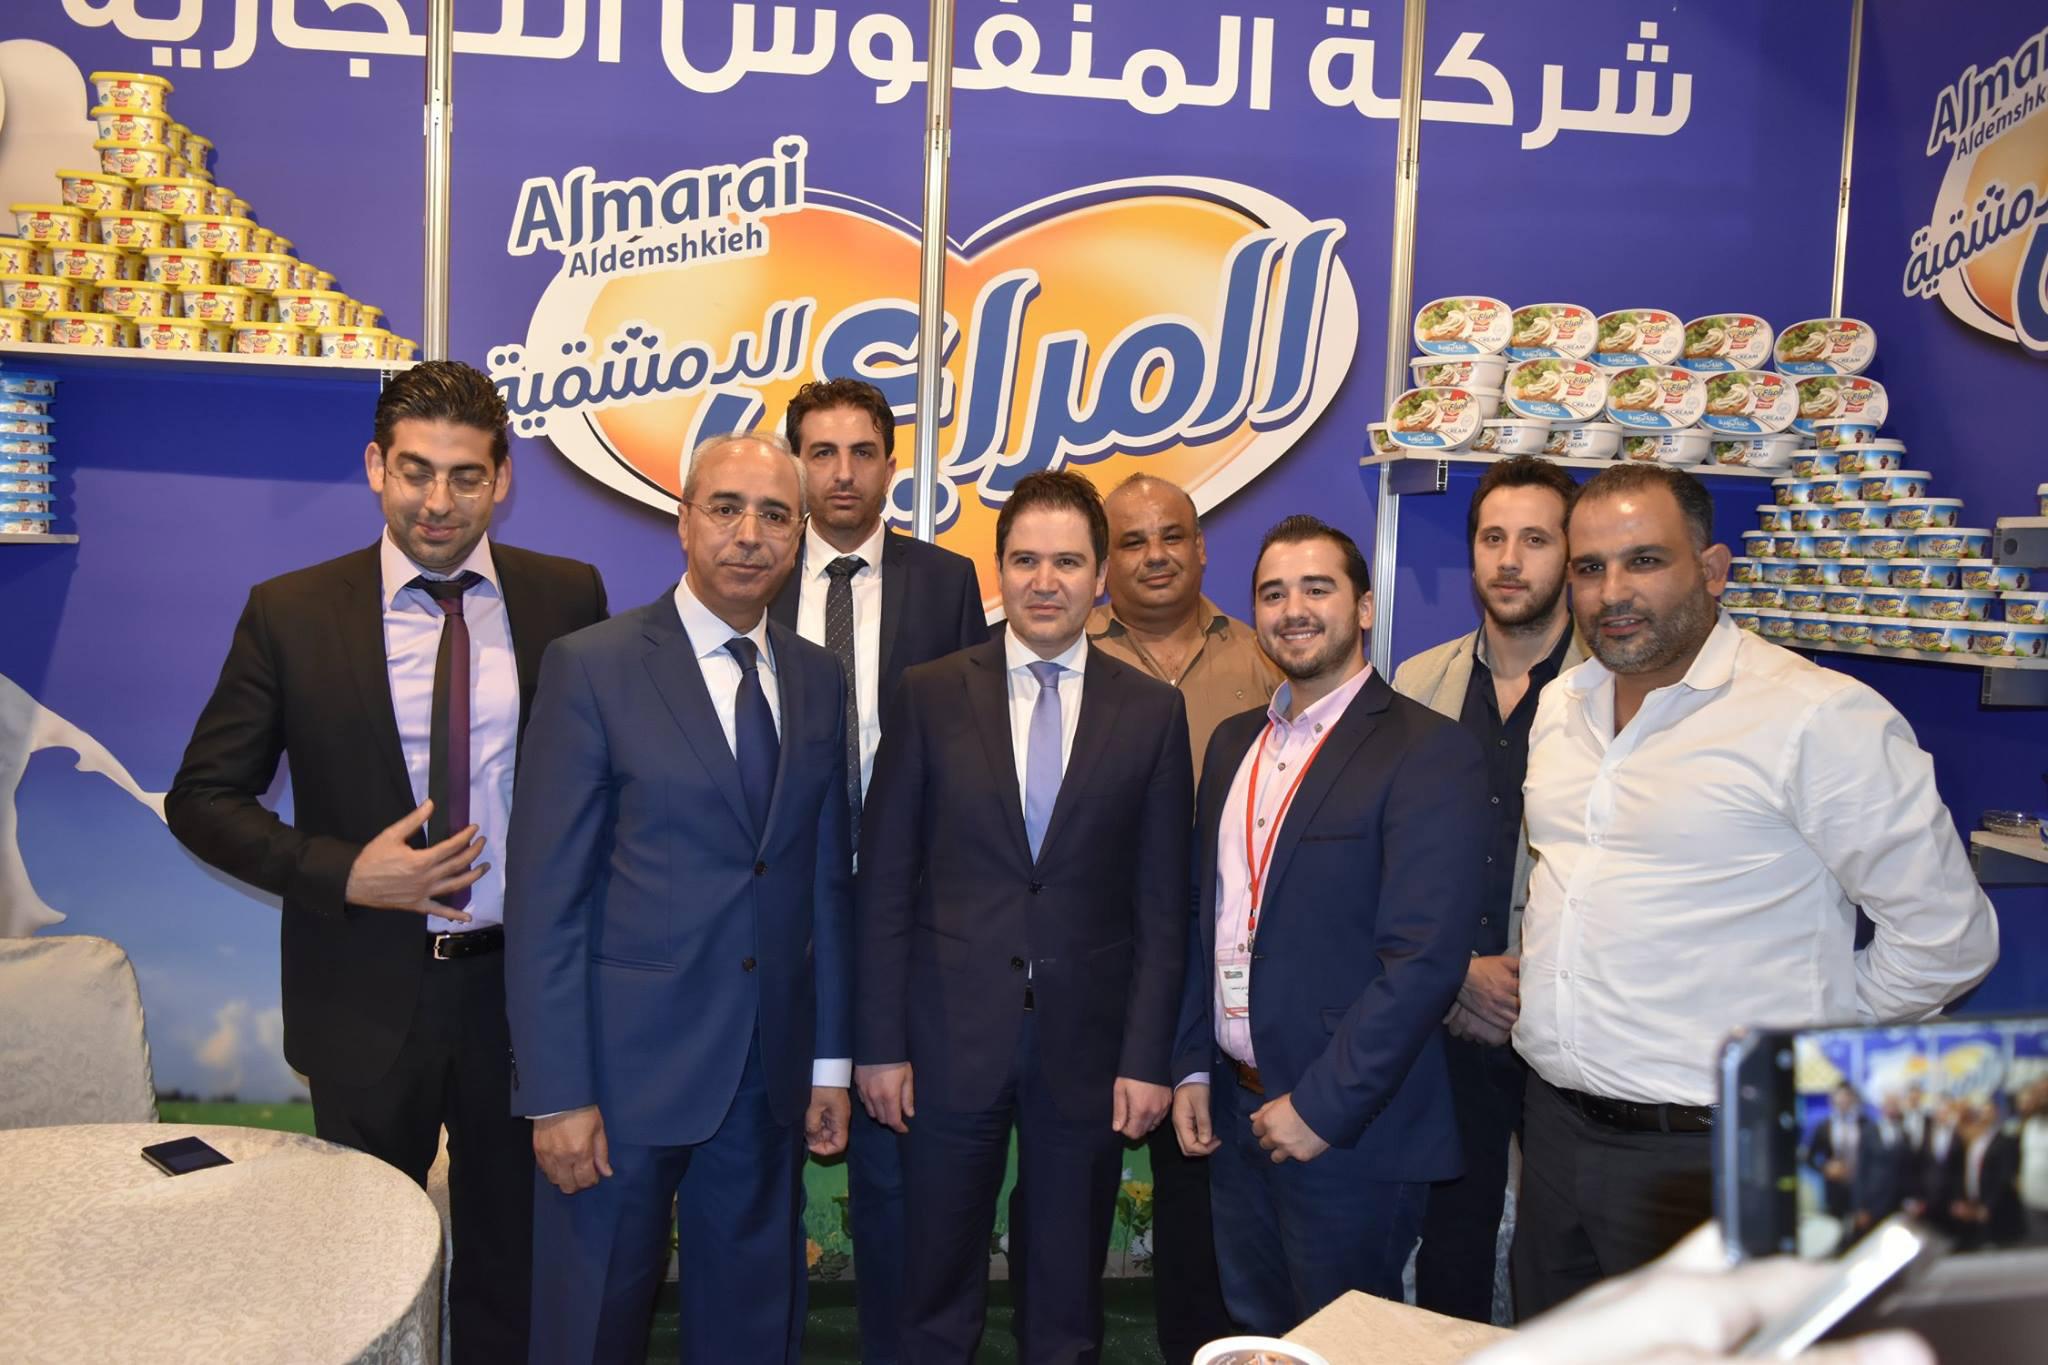 """وزير السياحة في حكومة النظام السوري، بشر يازجي، في فرع شركة """"المنفوش"""" في 5 أيار 2017 (فيس بوك)"""